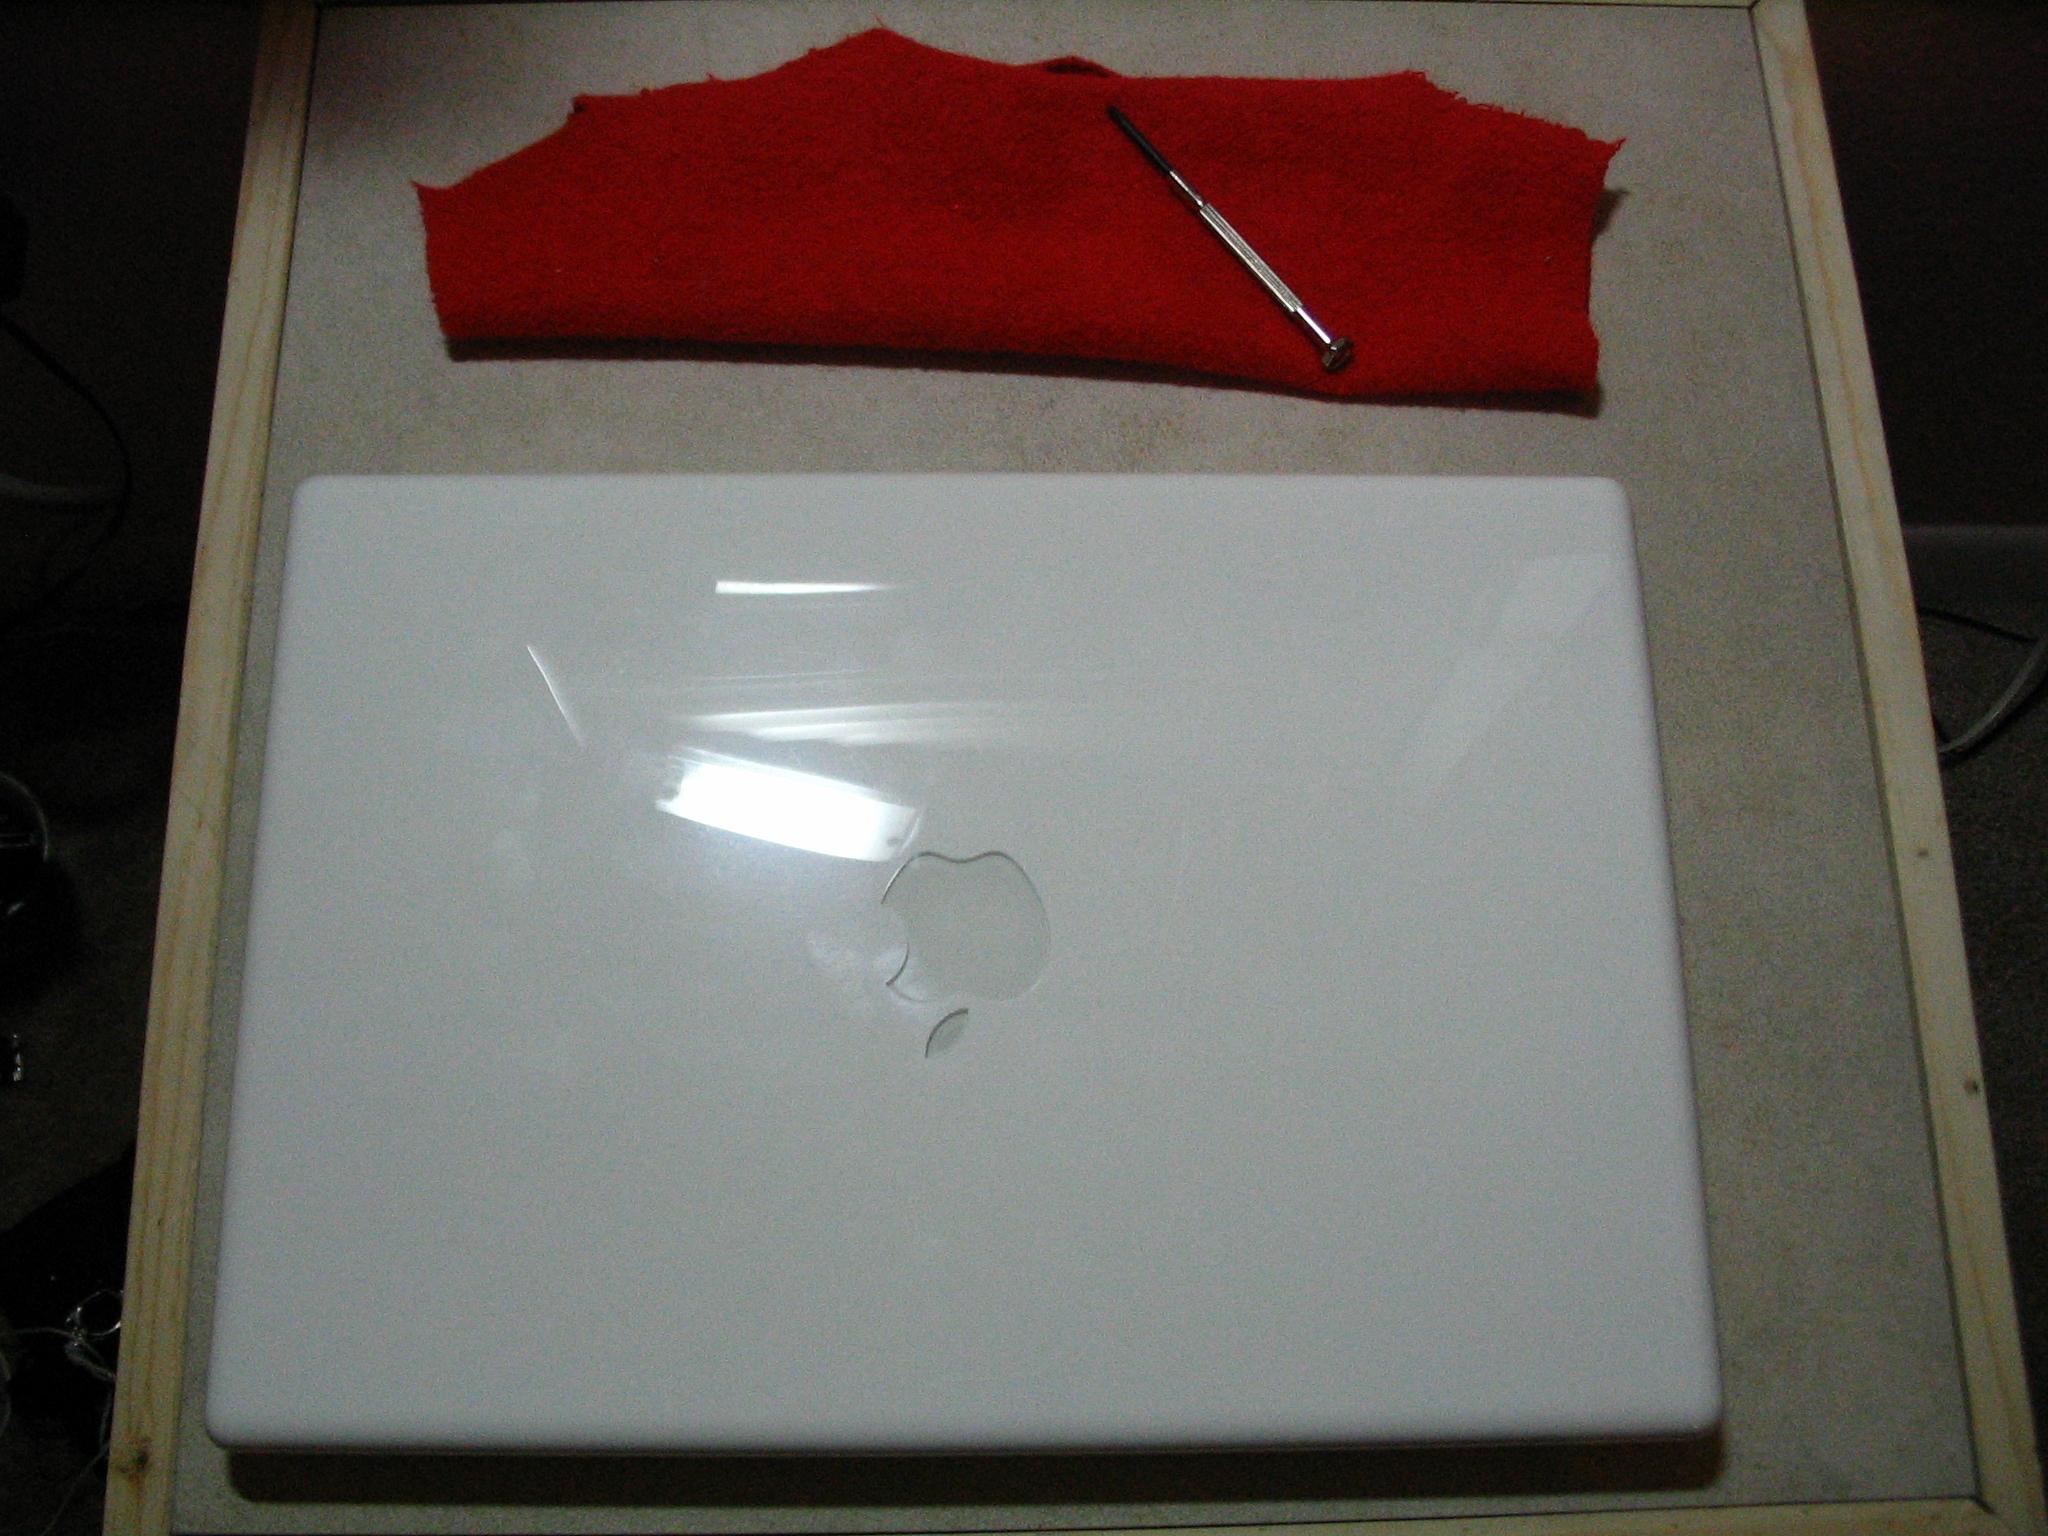 Upgrade the ram in your macbook